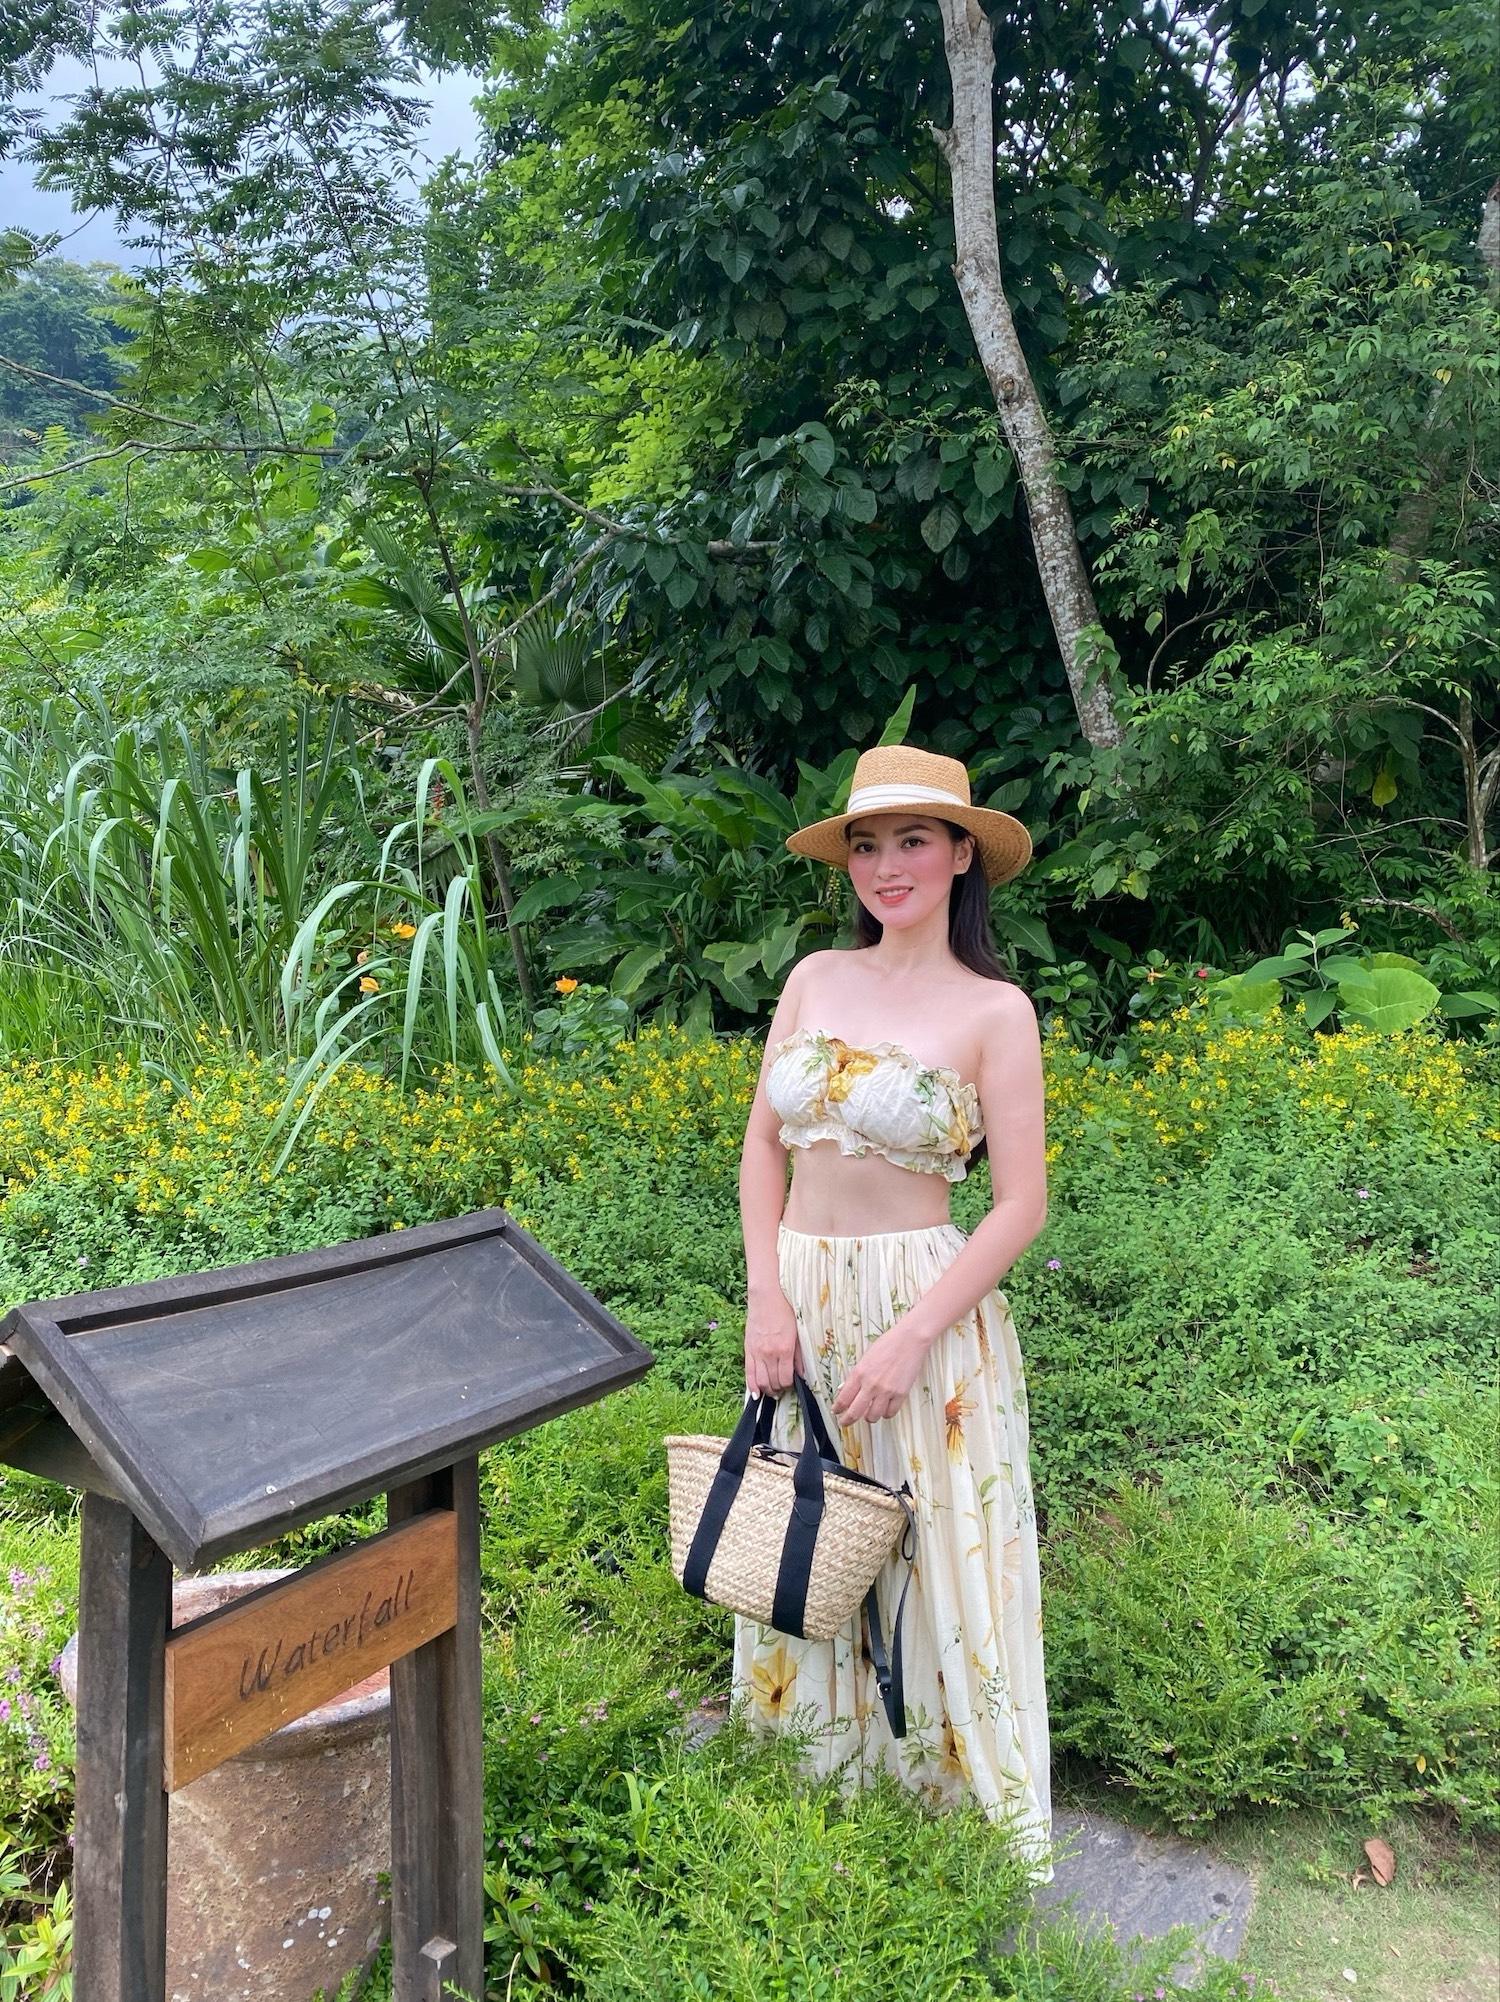 Các khu nghỉ dưỡng biệt lập gần thiên nhiên cũng được nhiều du khách Hà Nội lựa chọn. Ảnh: Nguyễn Thu Hương.